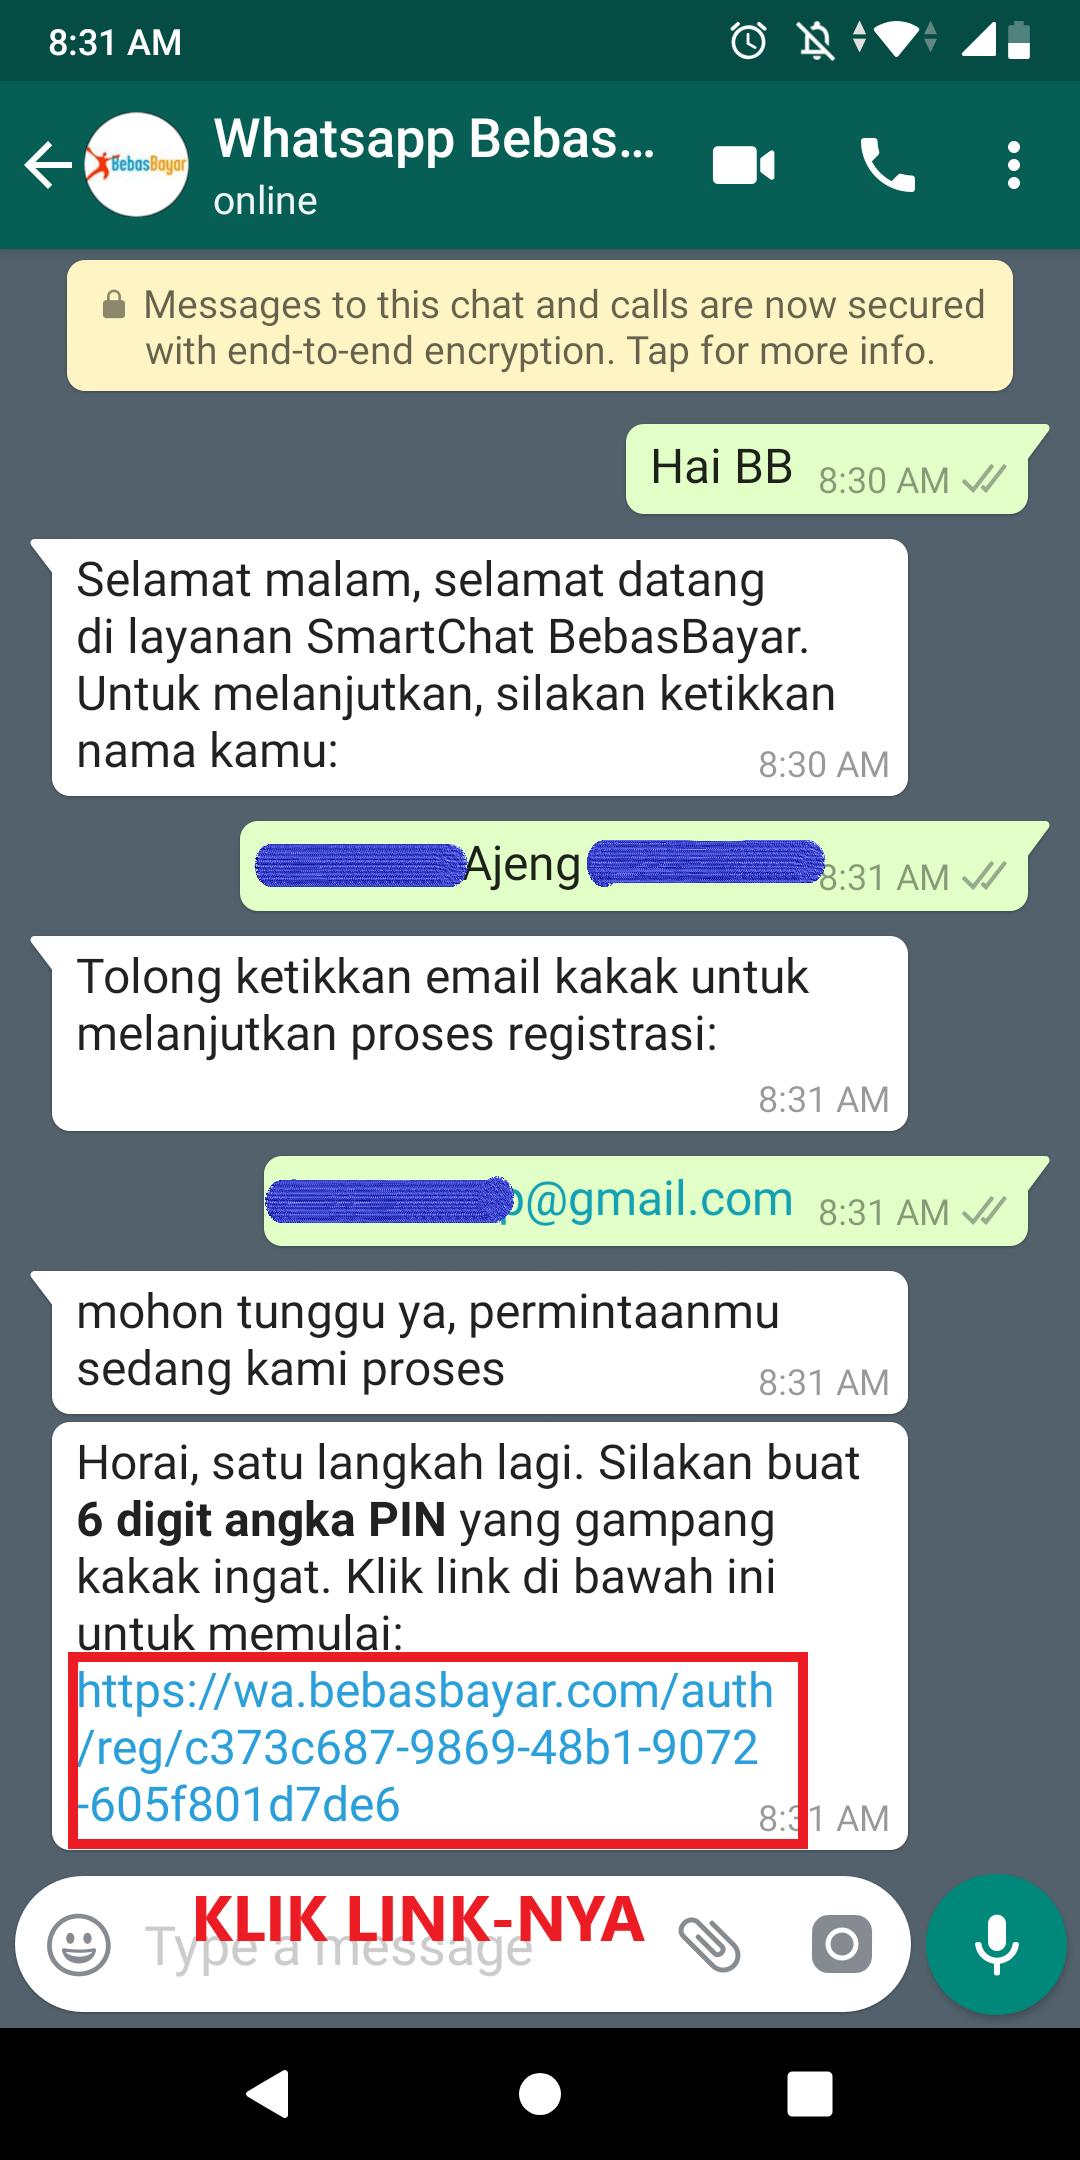 Cara Menggunakan Whatsapp BebasBayar 3